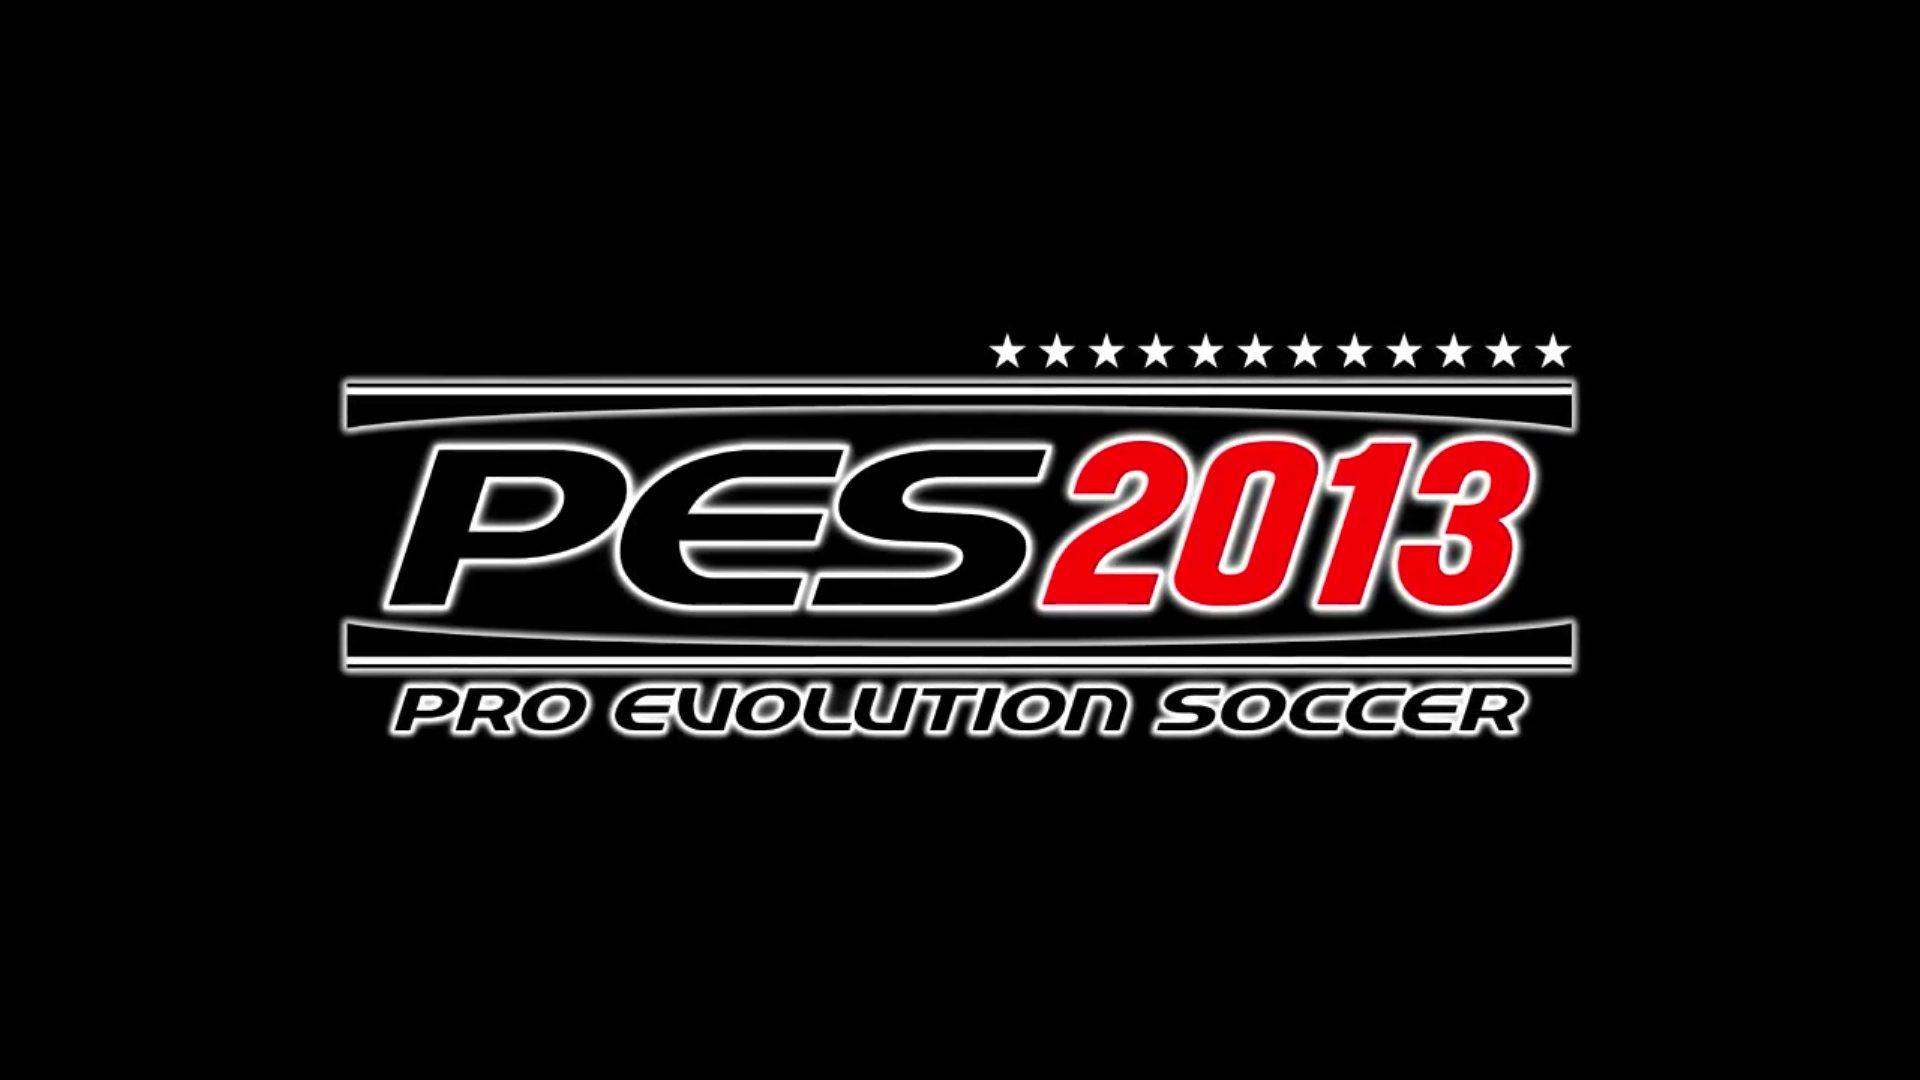 Pro evolution soccer 2013 game demo eng download gamepressure. Com.